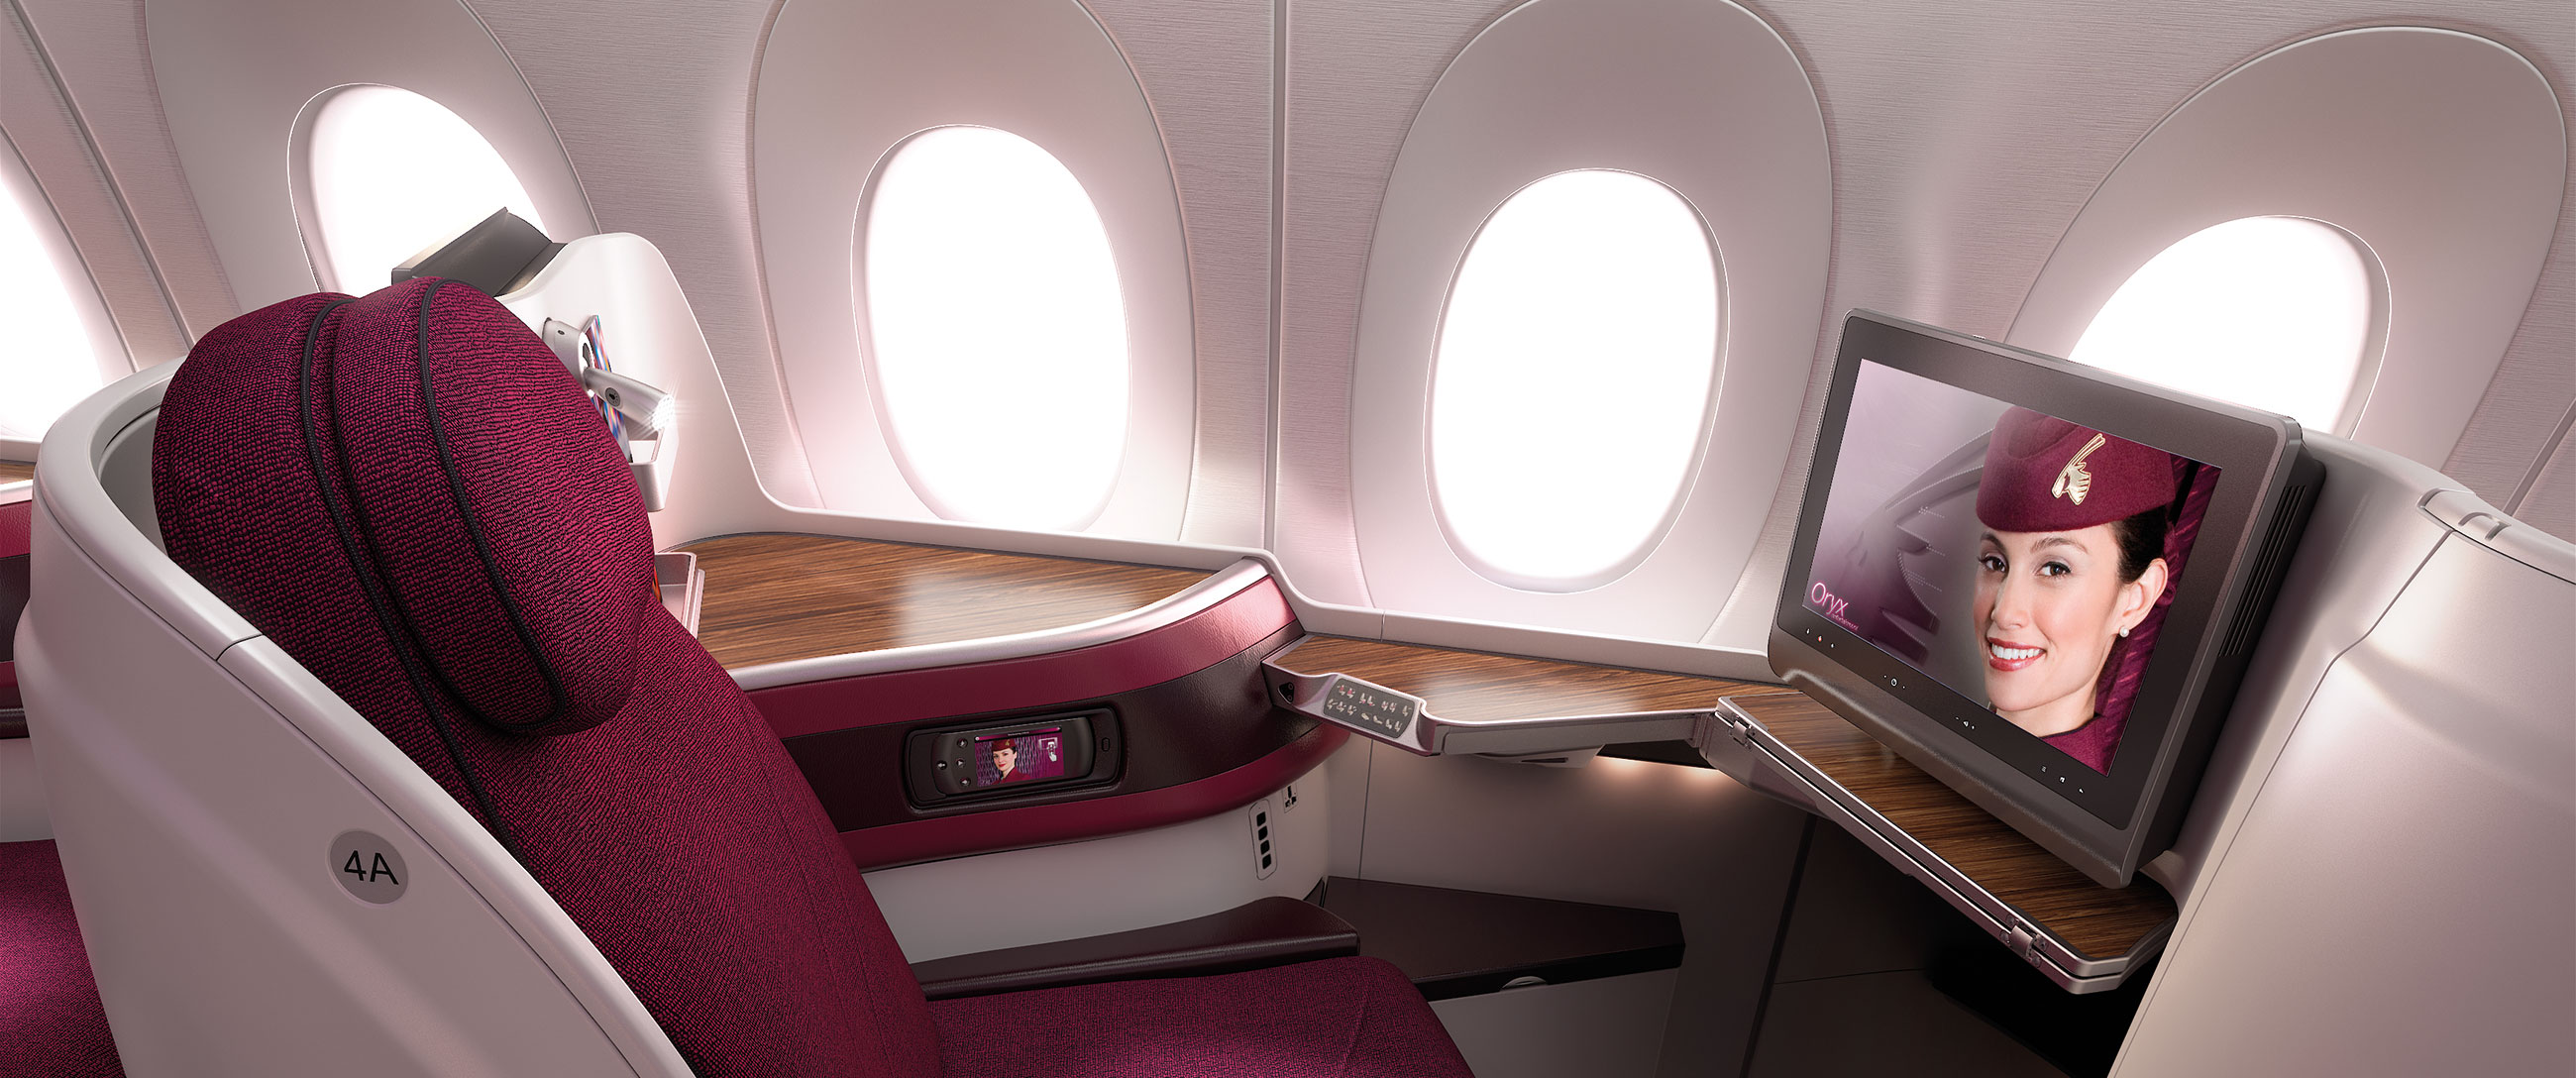 QATAR AIRWAYS WORLD'S BEST BUSINESS CLASS